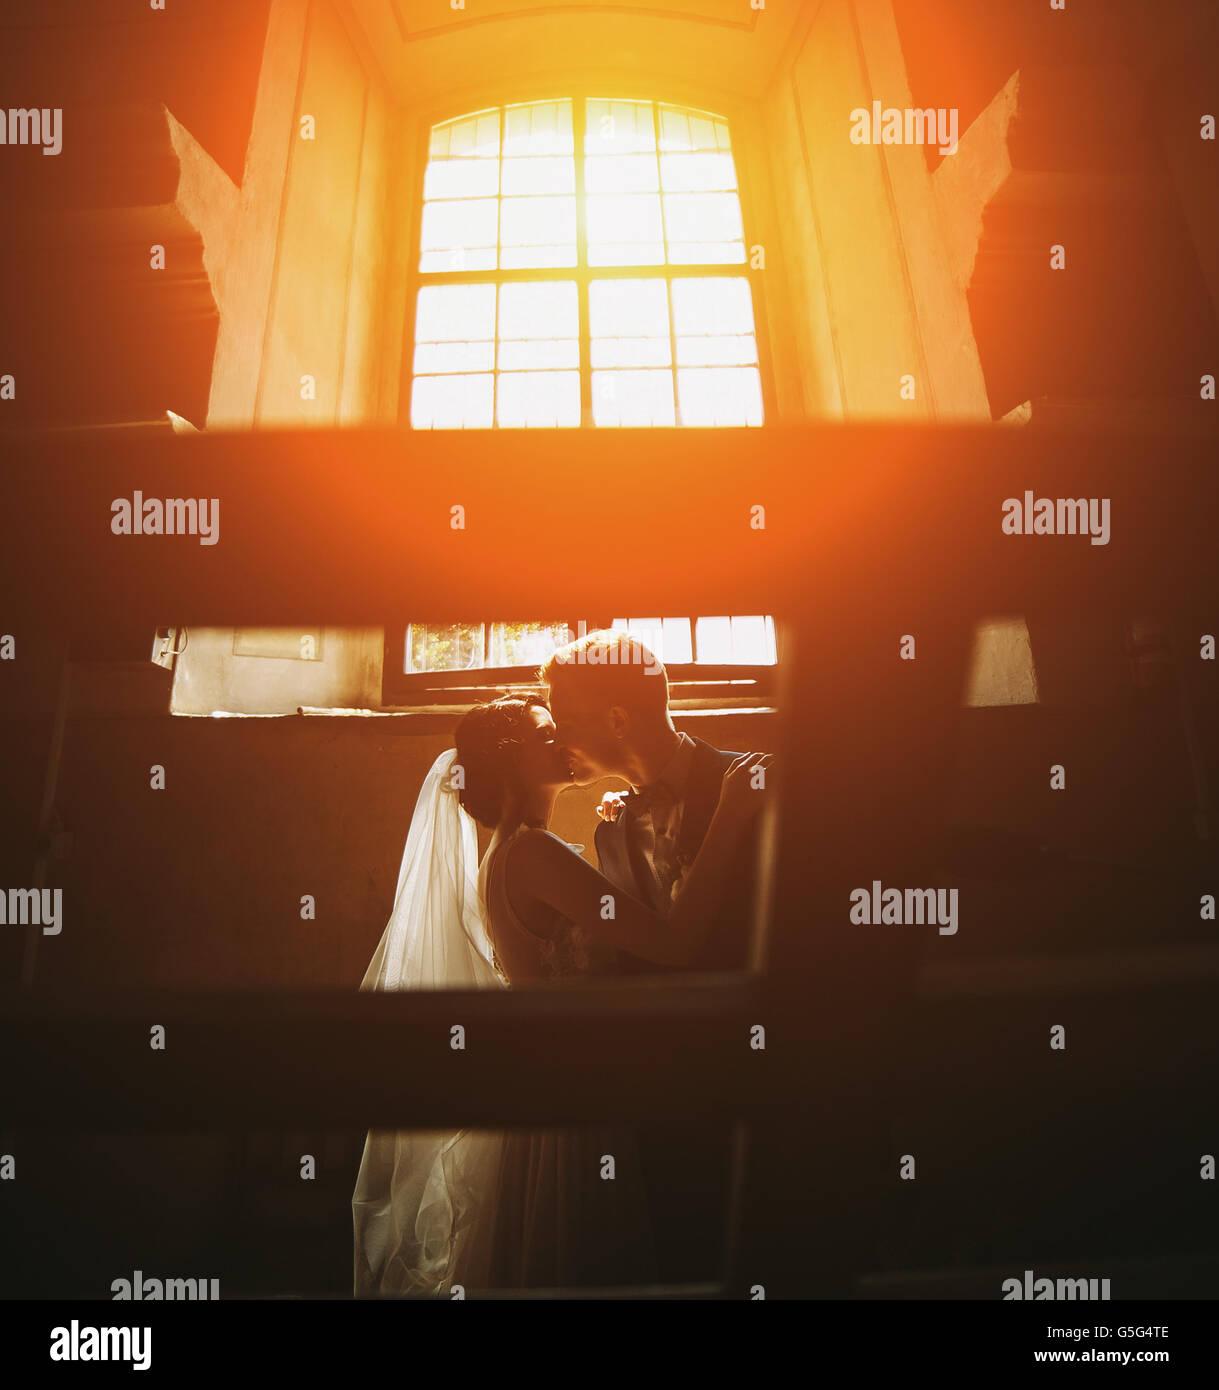 La novia y el novio en el fondo de una ventana. Imagen De Stock